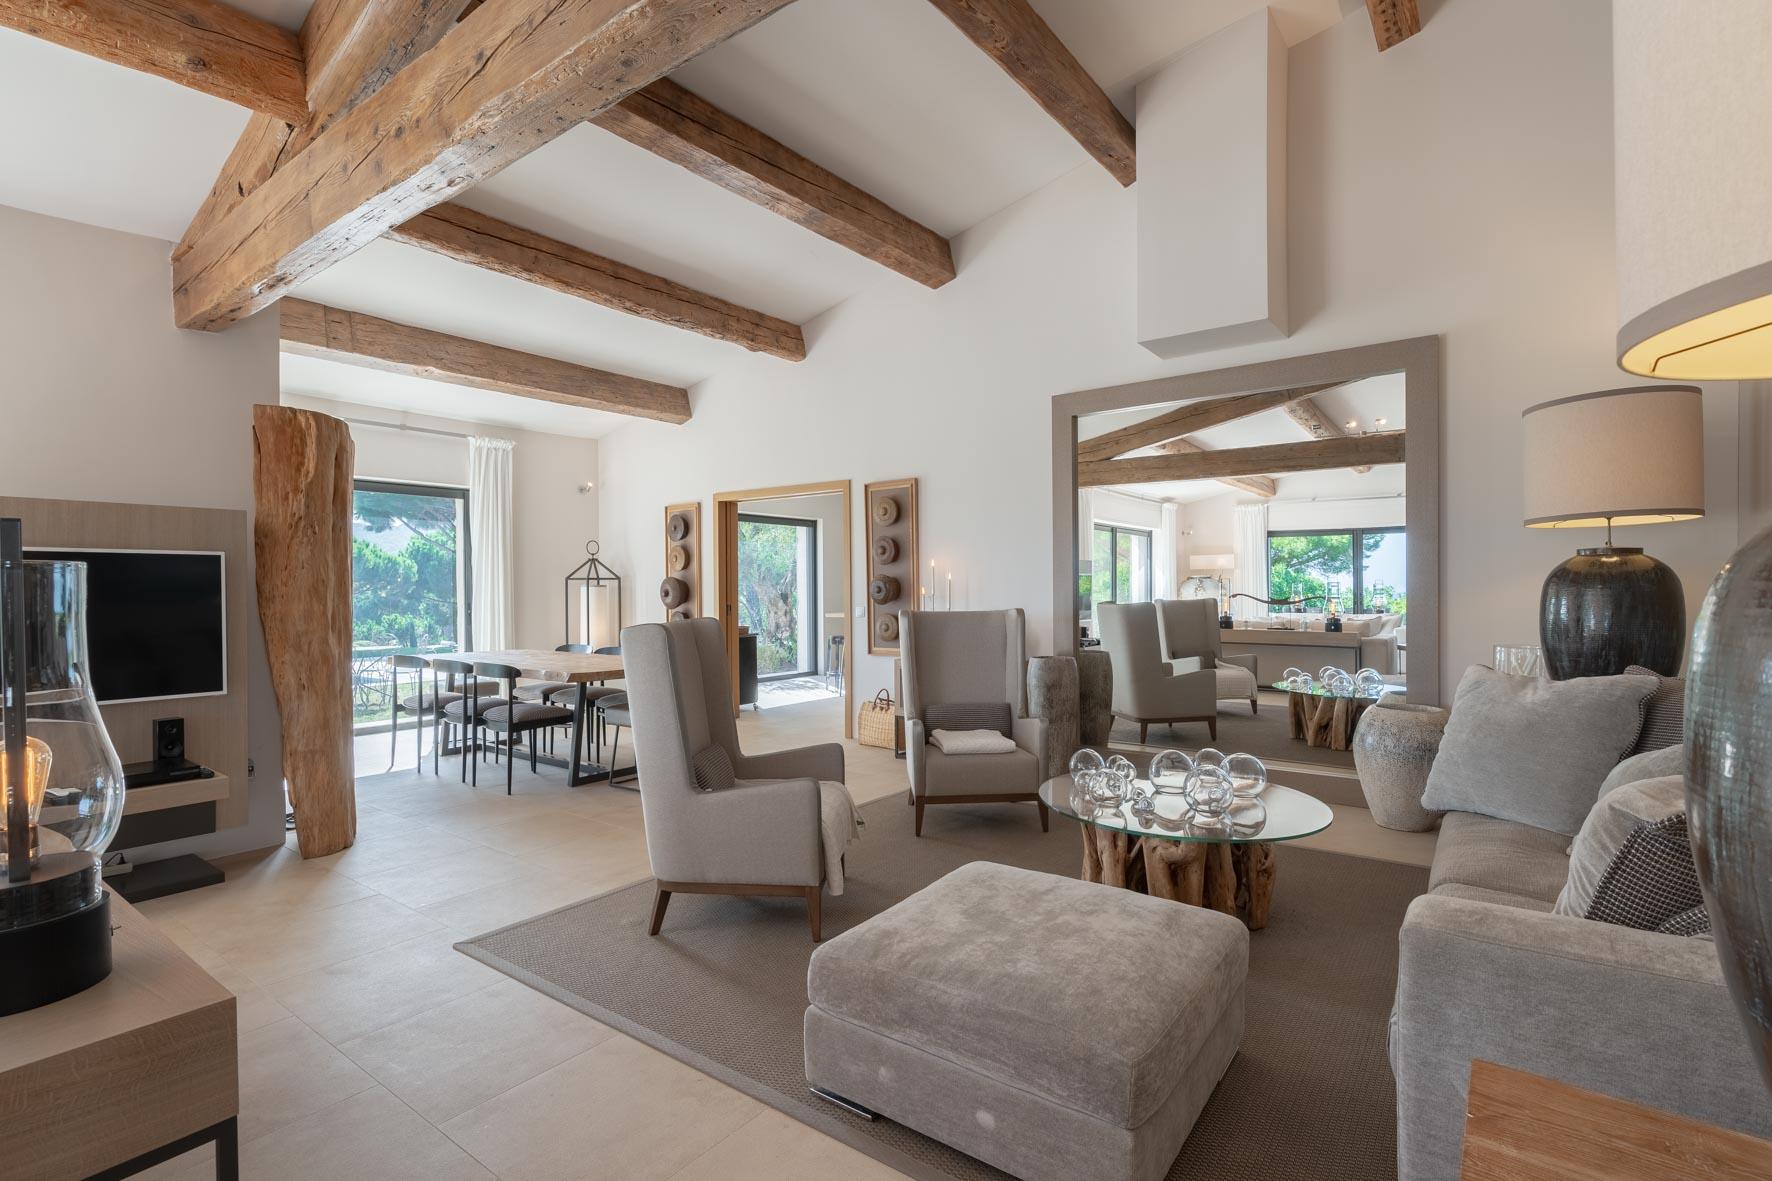 Villa-location-ramatuelle-saint-tropez-24